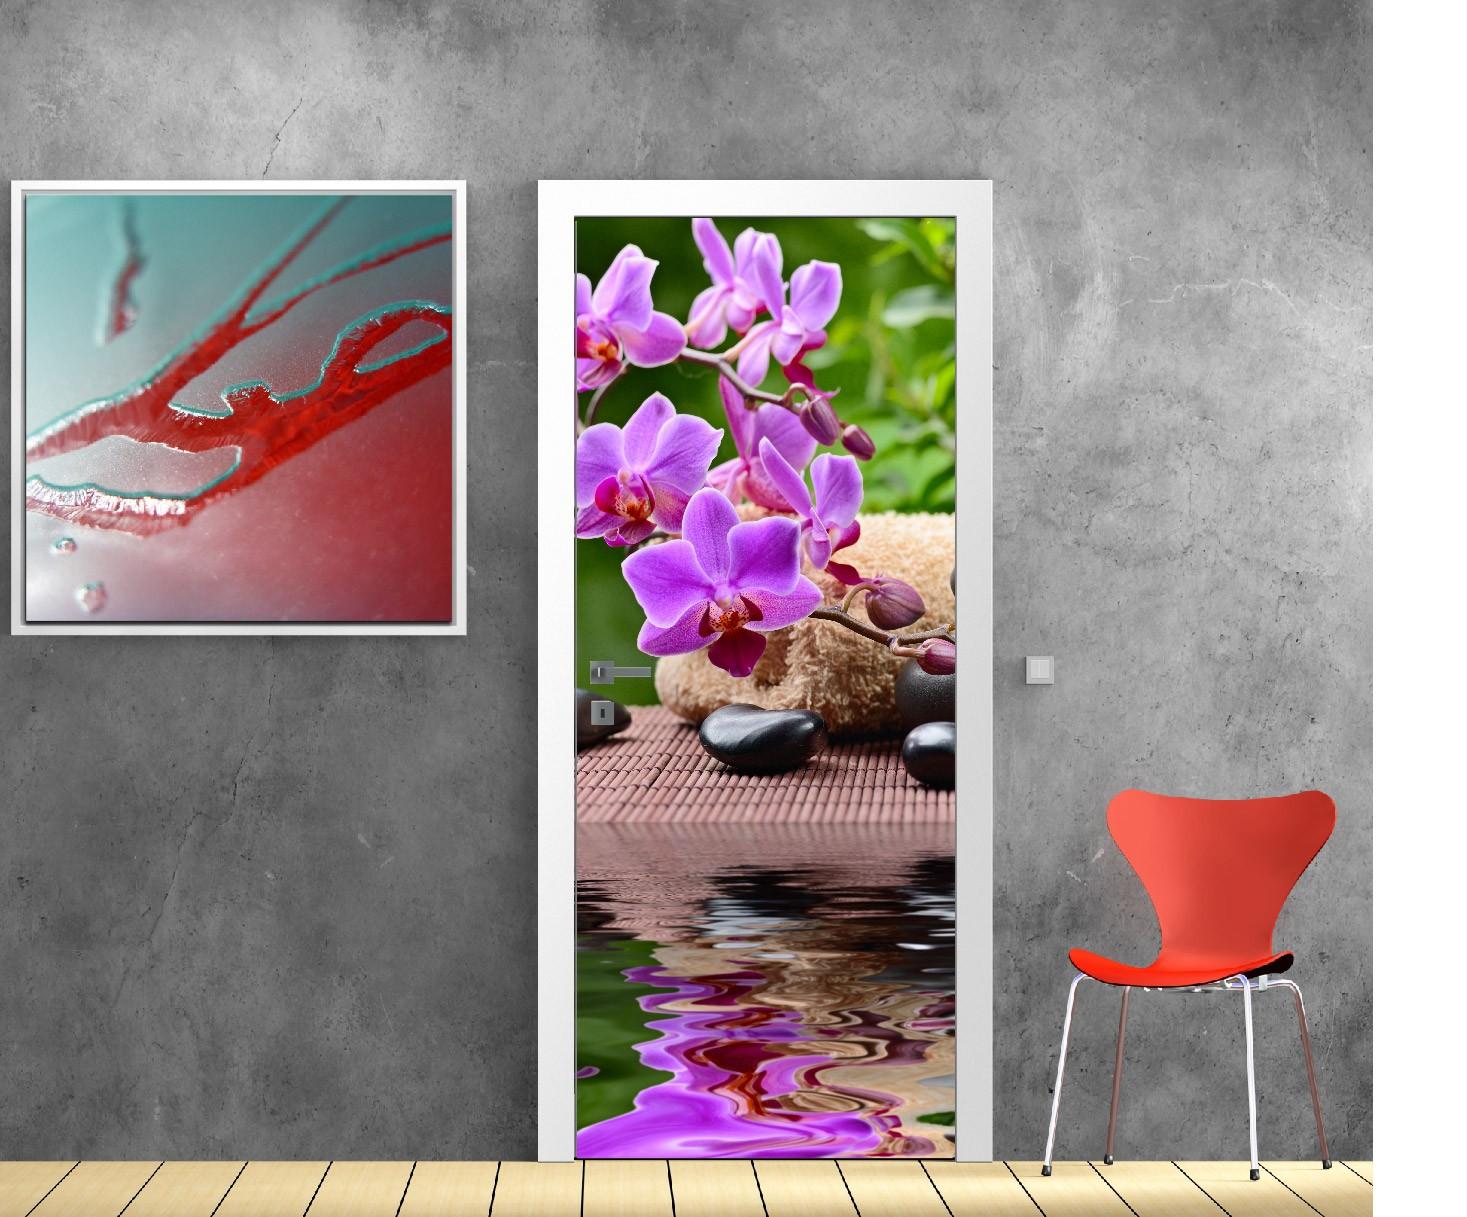 Stickers porte interieure maison trompe l oeil interieur maison paysage with stickers porte - Sticker porte de placard ...